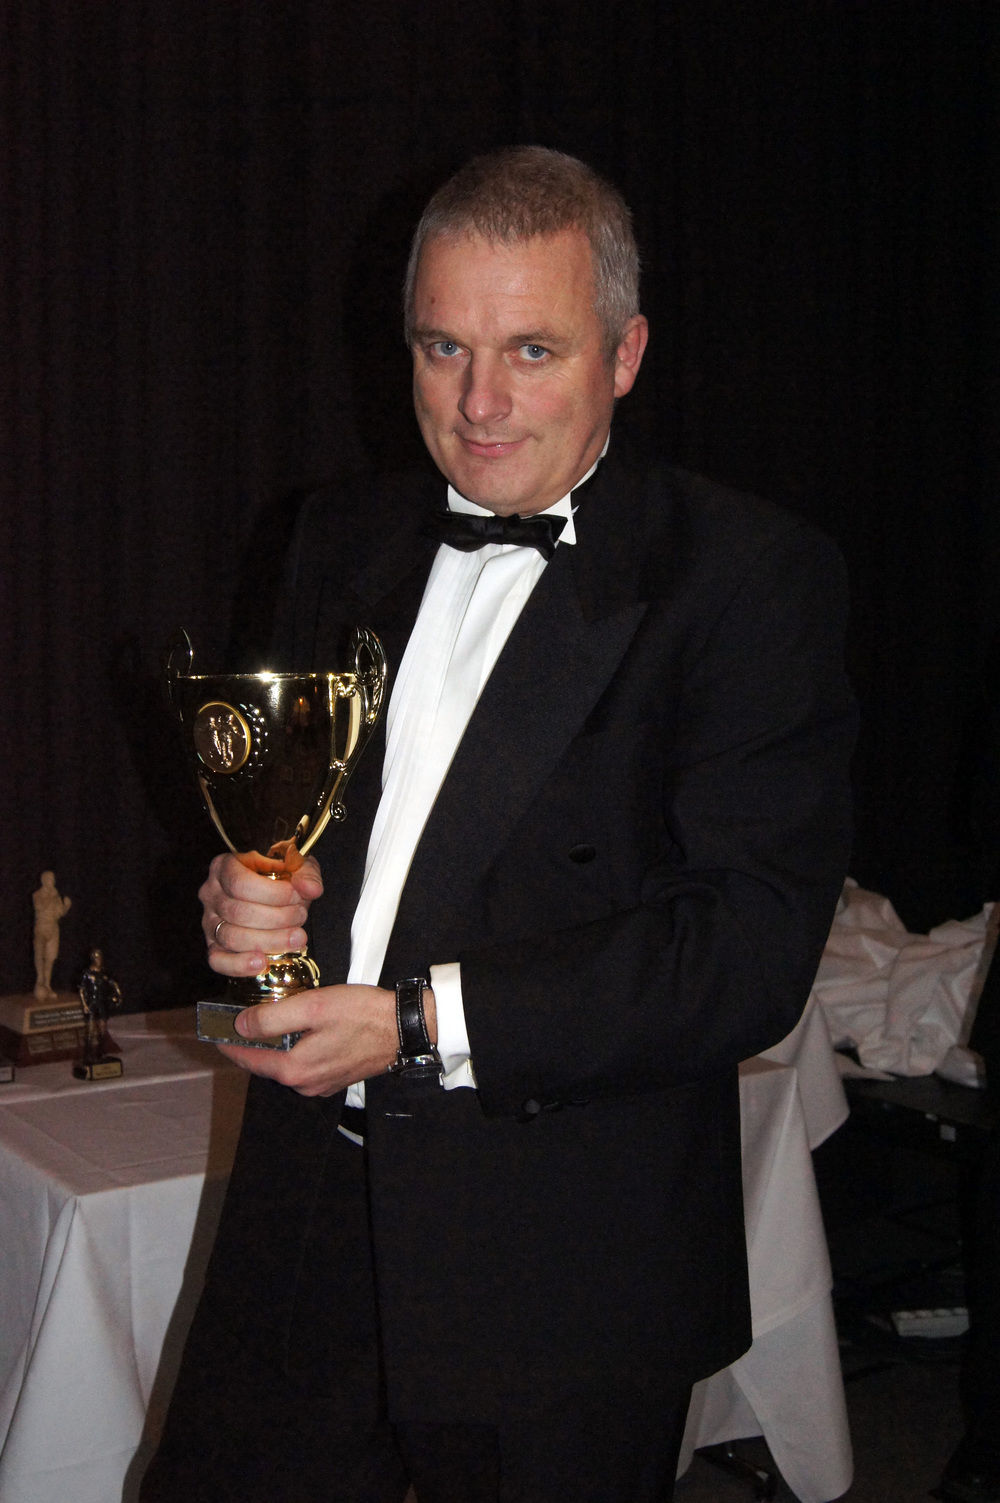 ÆRESPRIS: Kåre Seierstads ærespris gikk til Steinar Myhr for innsatsen forå utvikle dommere.